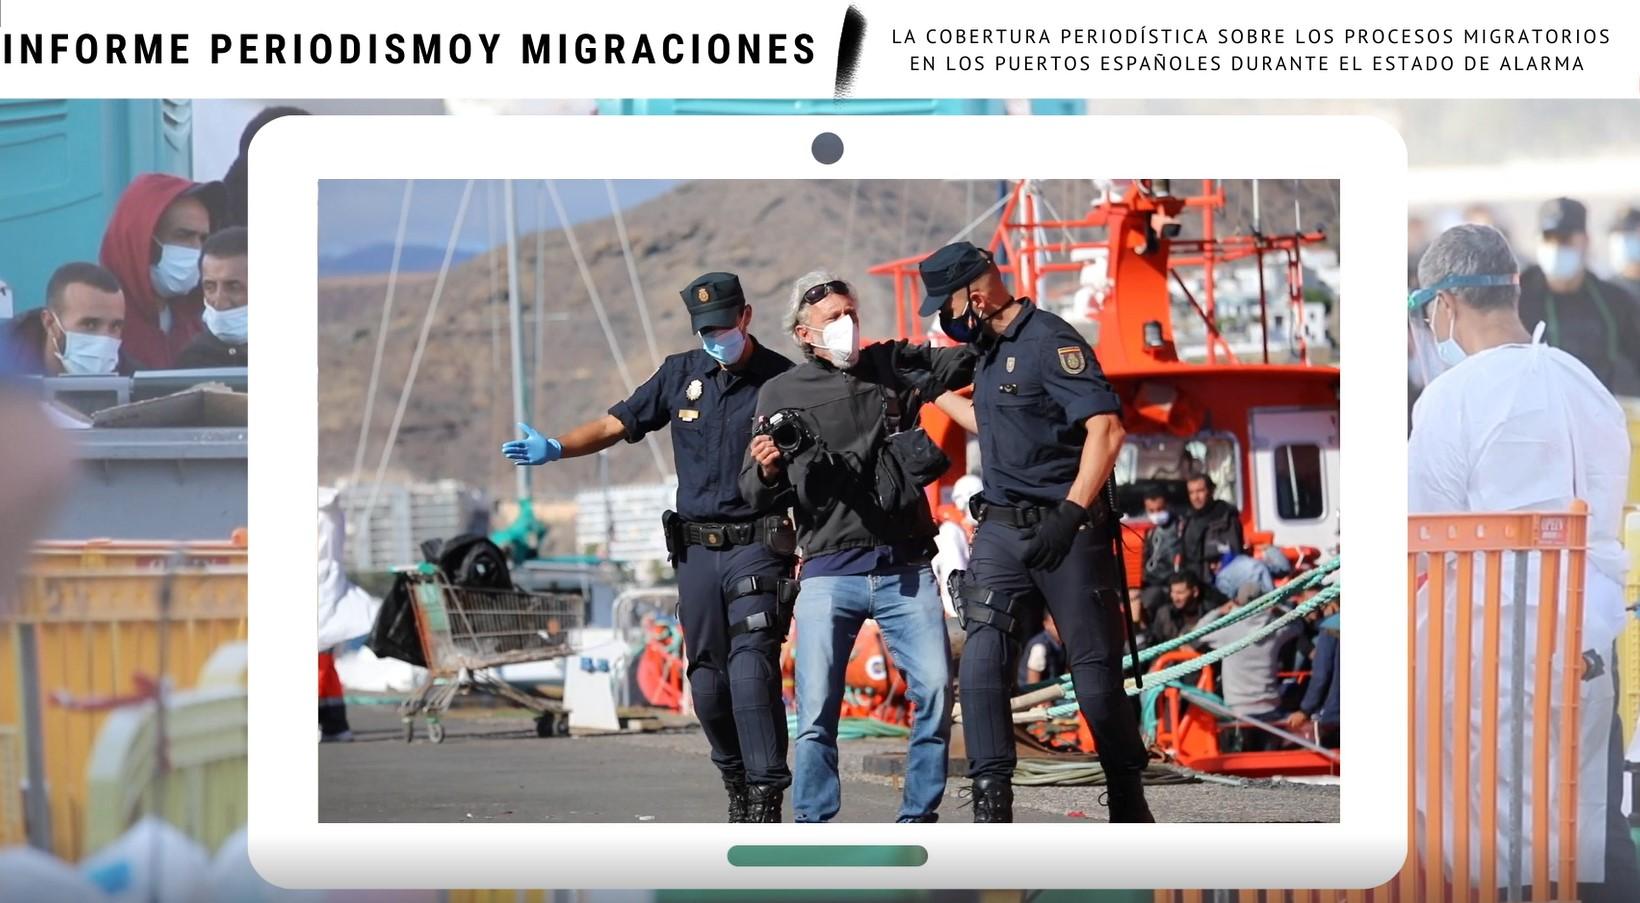 El 86% de los puertos españoles que reciben migrantes ponen trabas a la prensa